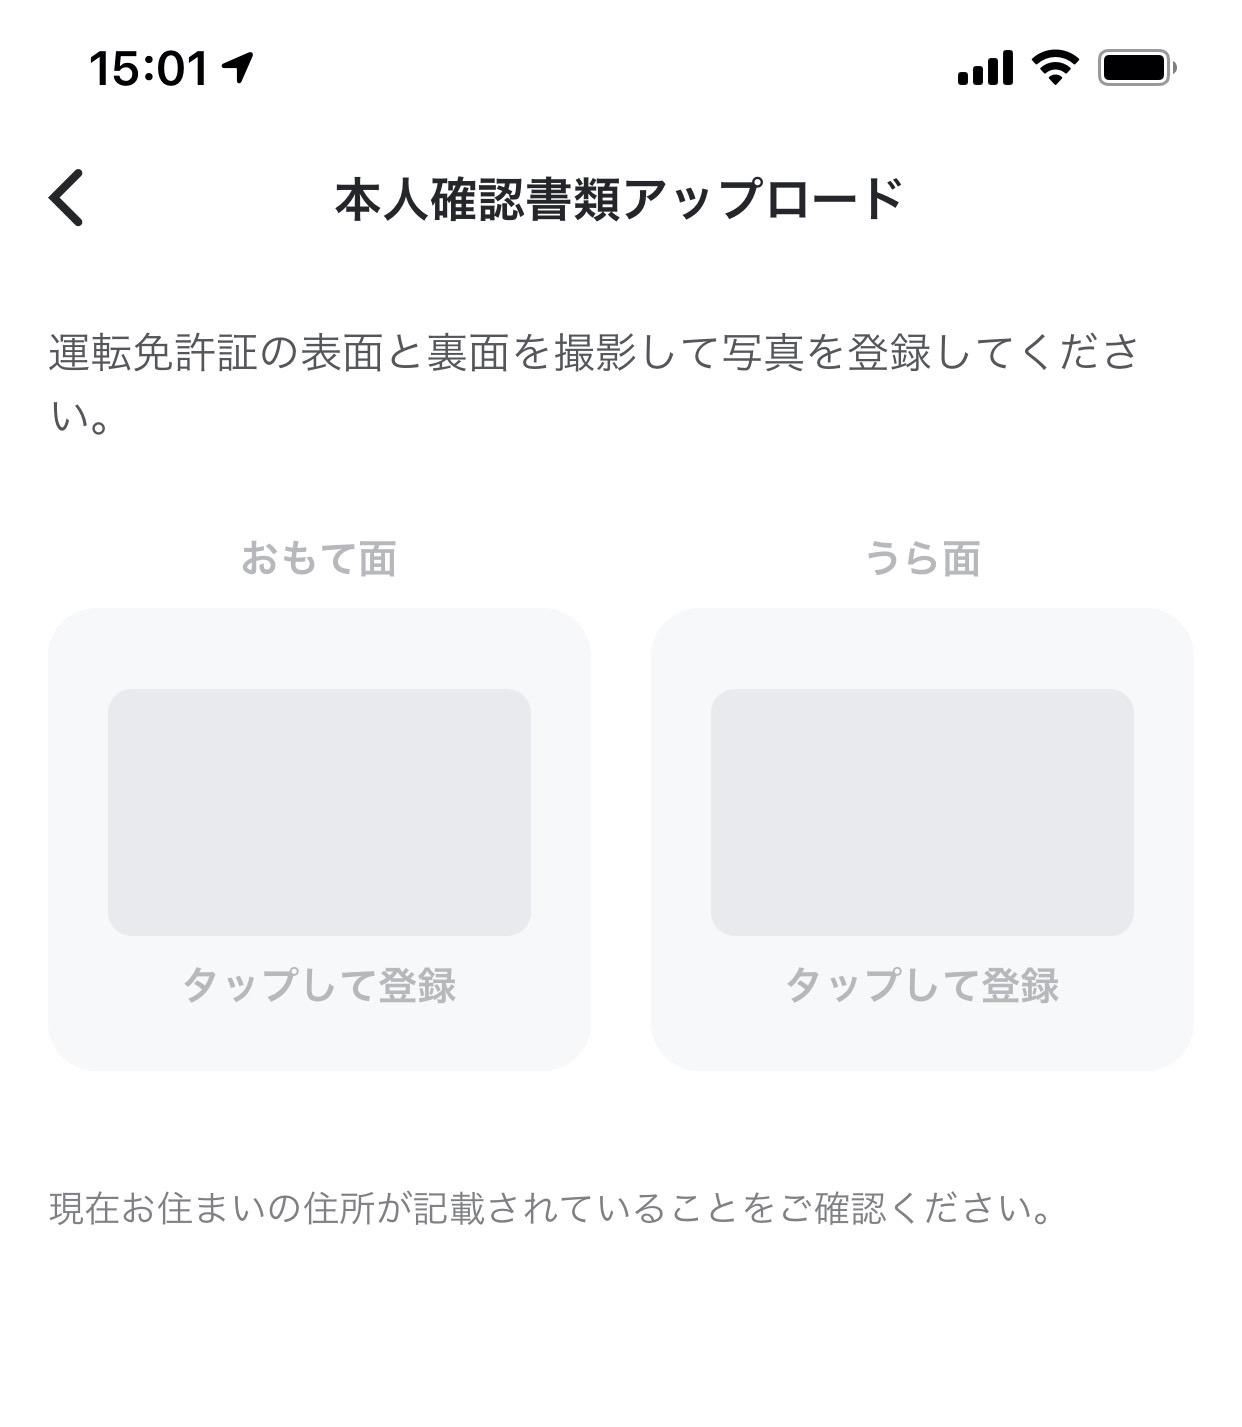 「Kyash Card」を申し込む方法 5